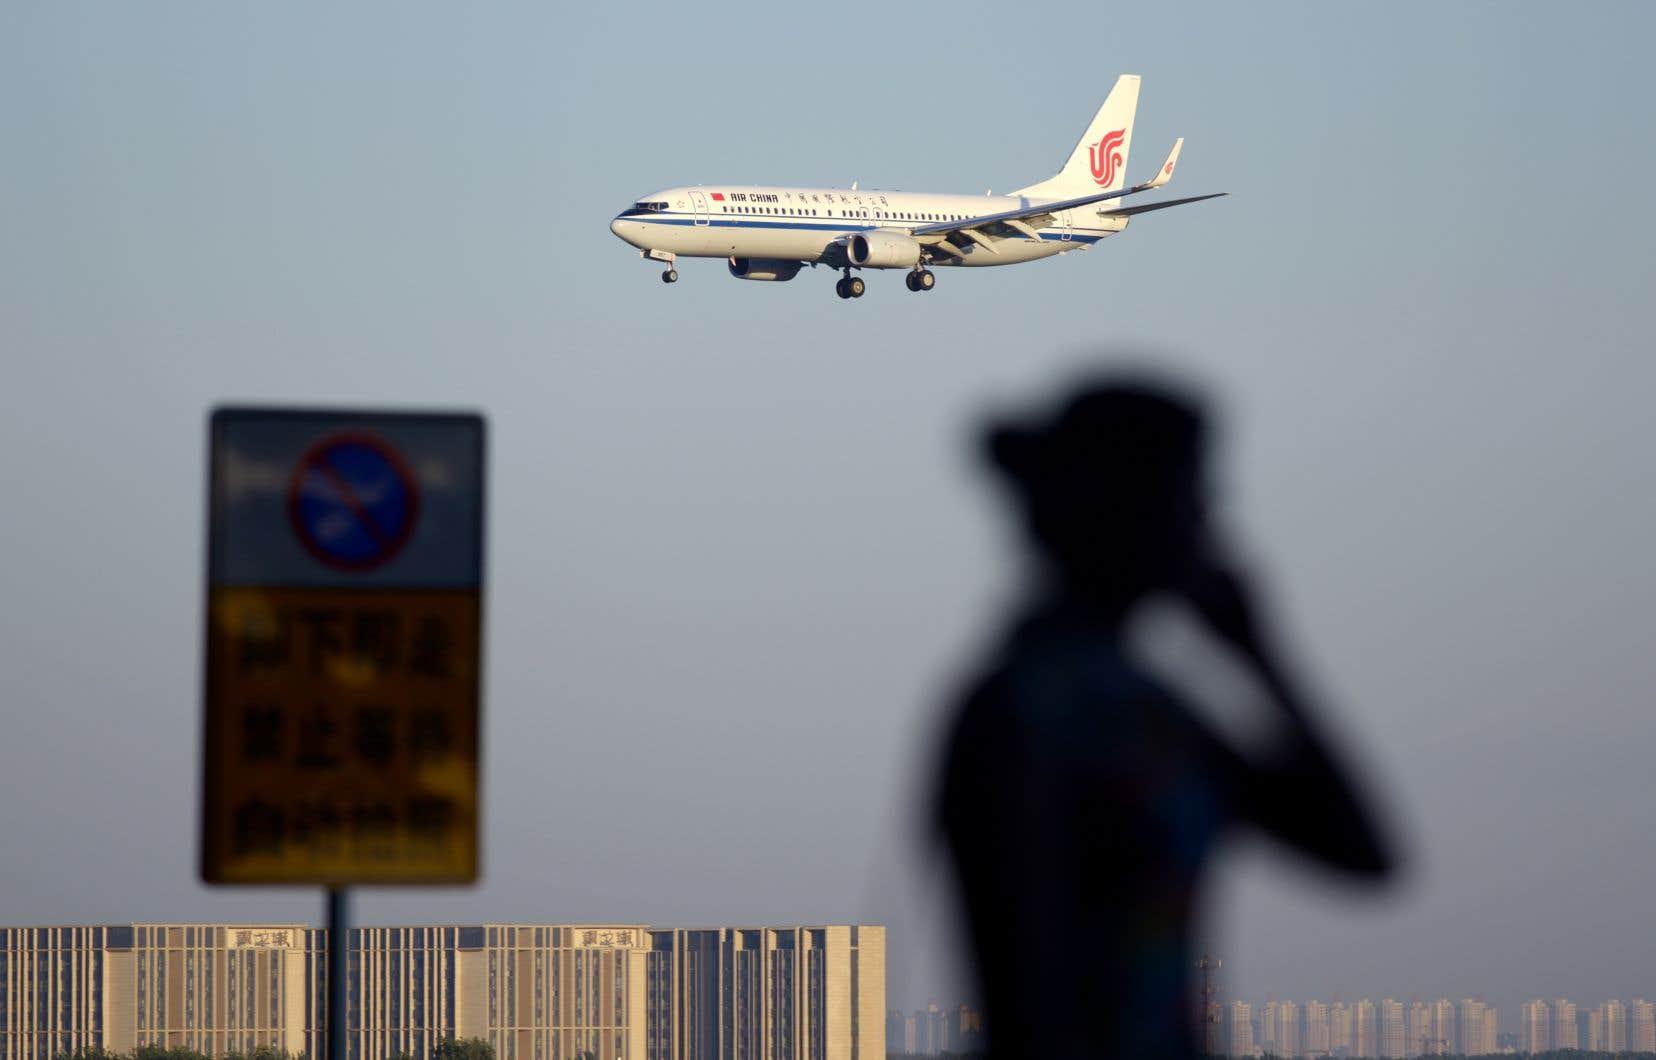 Un avion Boeing 737 d'Air China se prépare à atterrir à l'aéroport international de Pékin. Bombardier estime que le rapprochement évoqué entre Boeing et Embraer constitue un aveu selon lequel la C Series ne livre pas une concurrence déloyale à la famille d'avions 737 du géant américain.